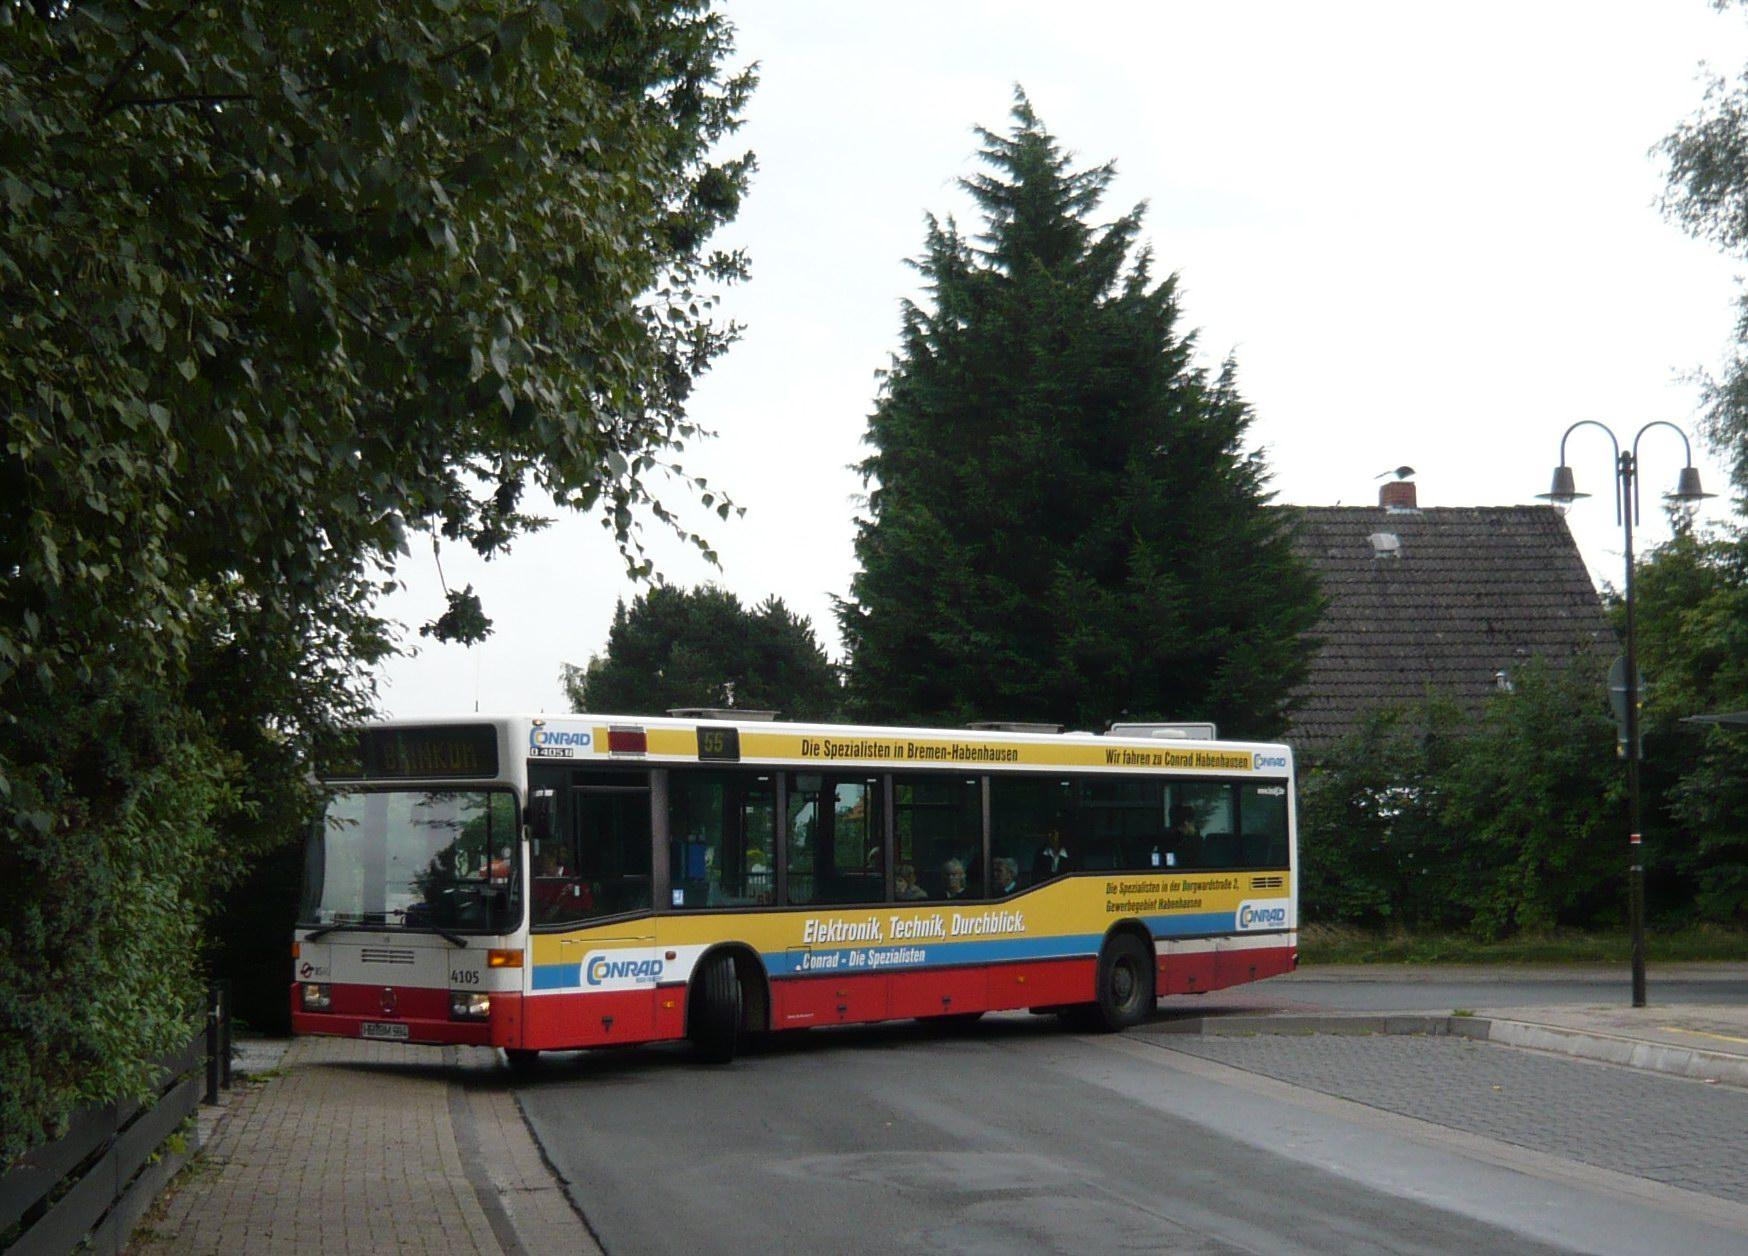 fährt buslinie 80 noch umleitungen